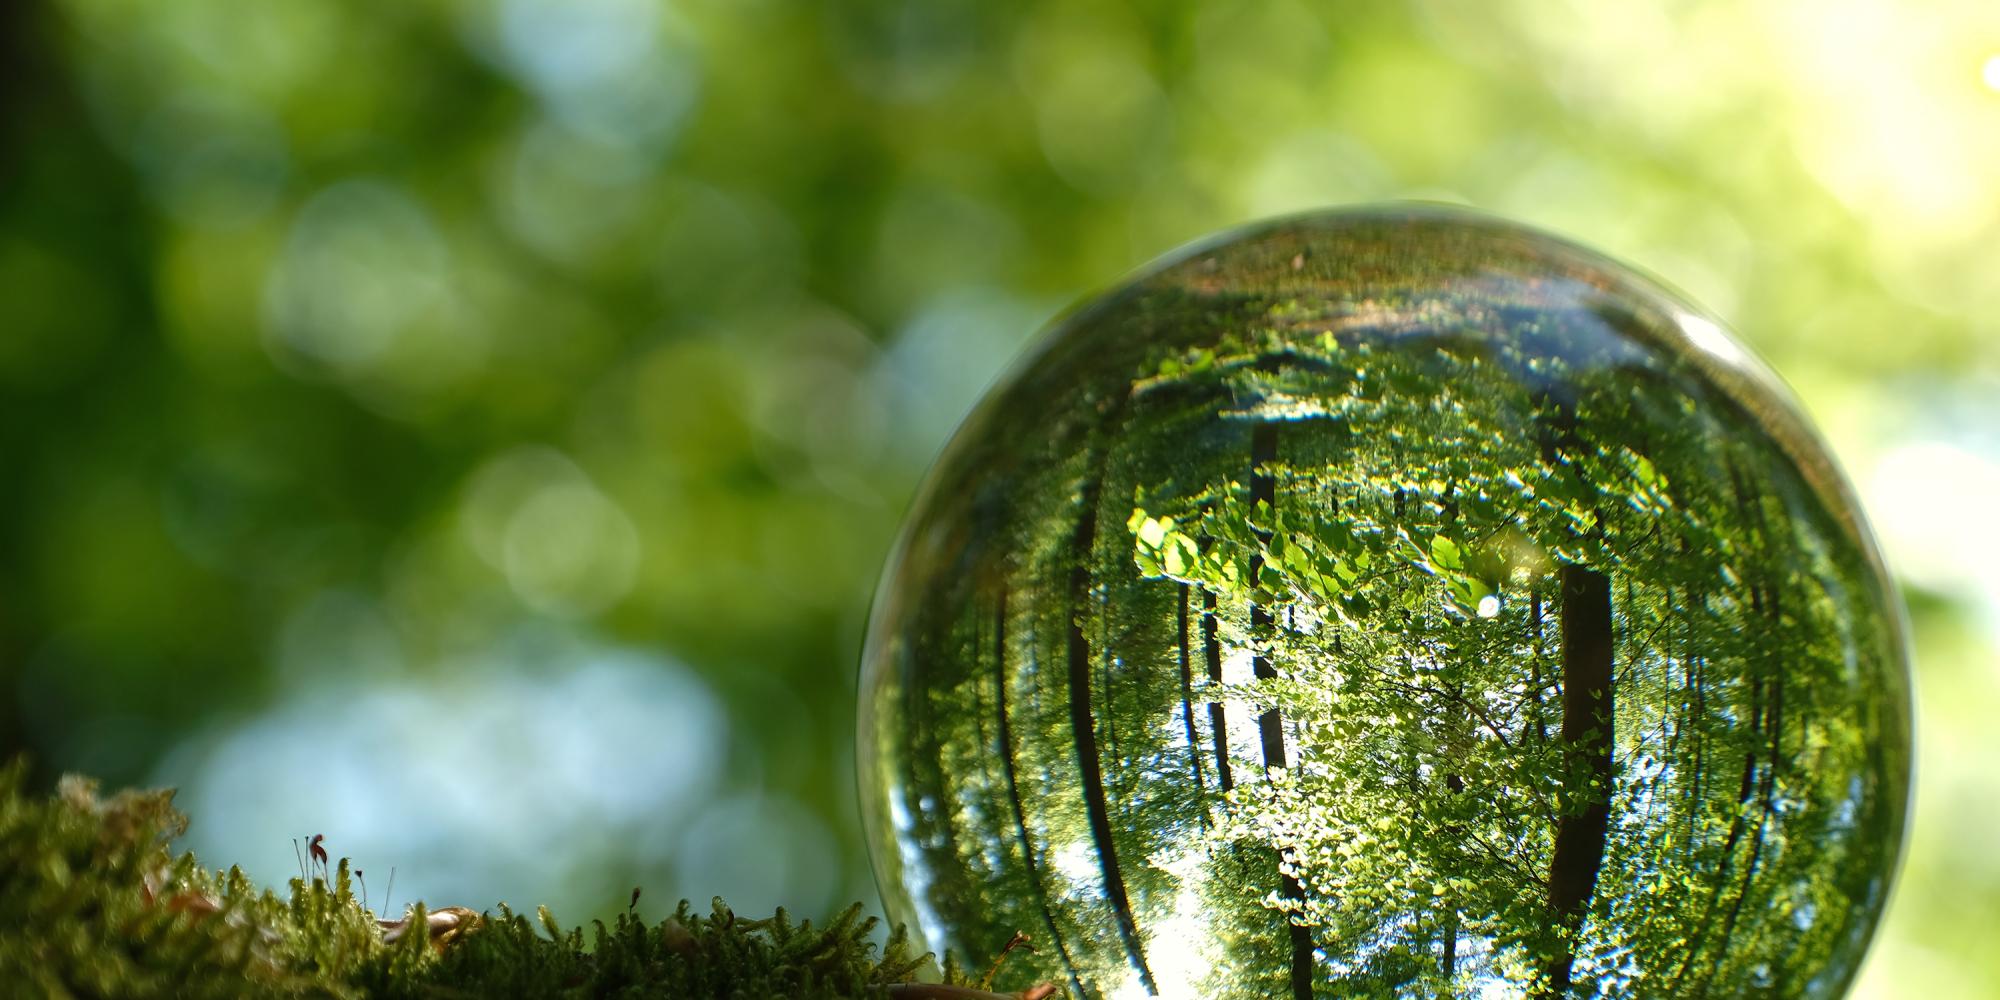 Glaskugel im Wald, grün